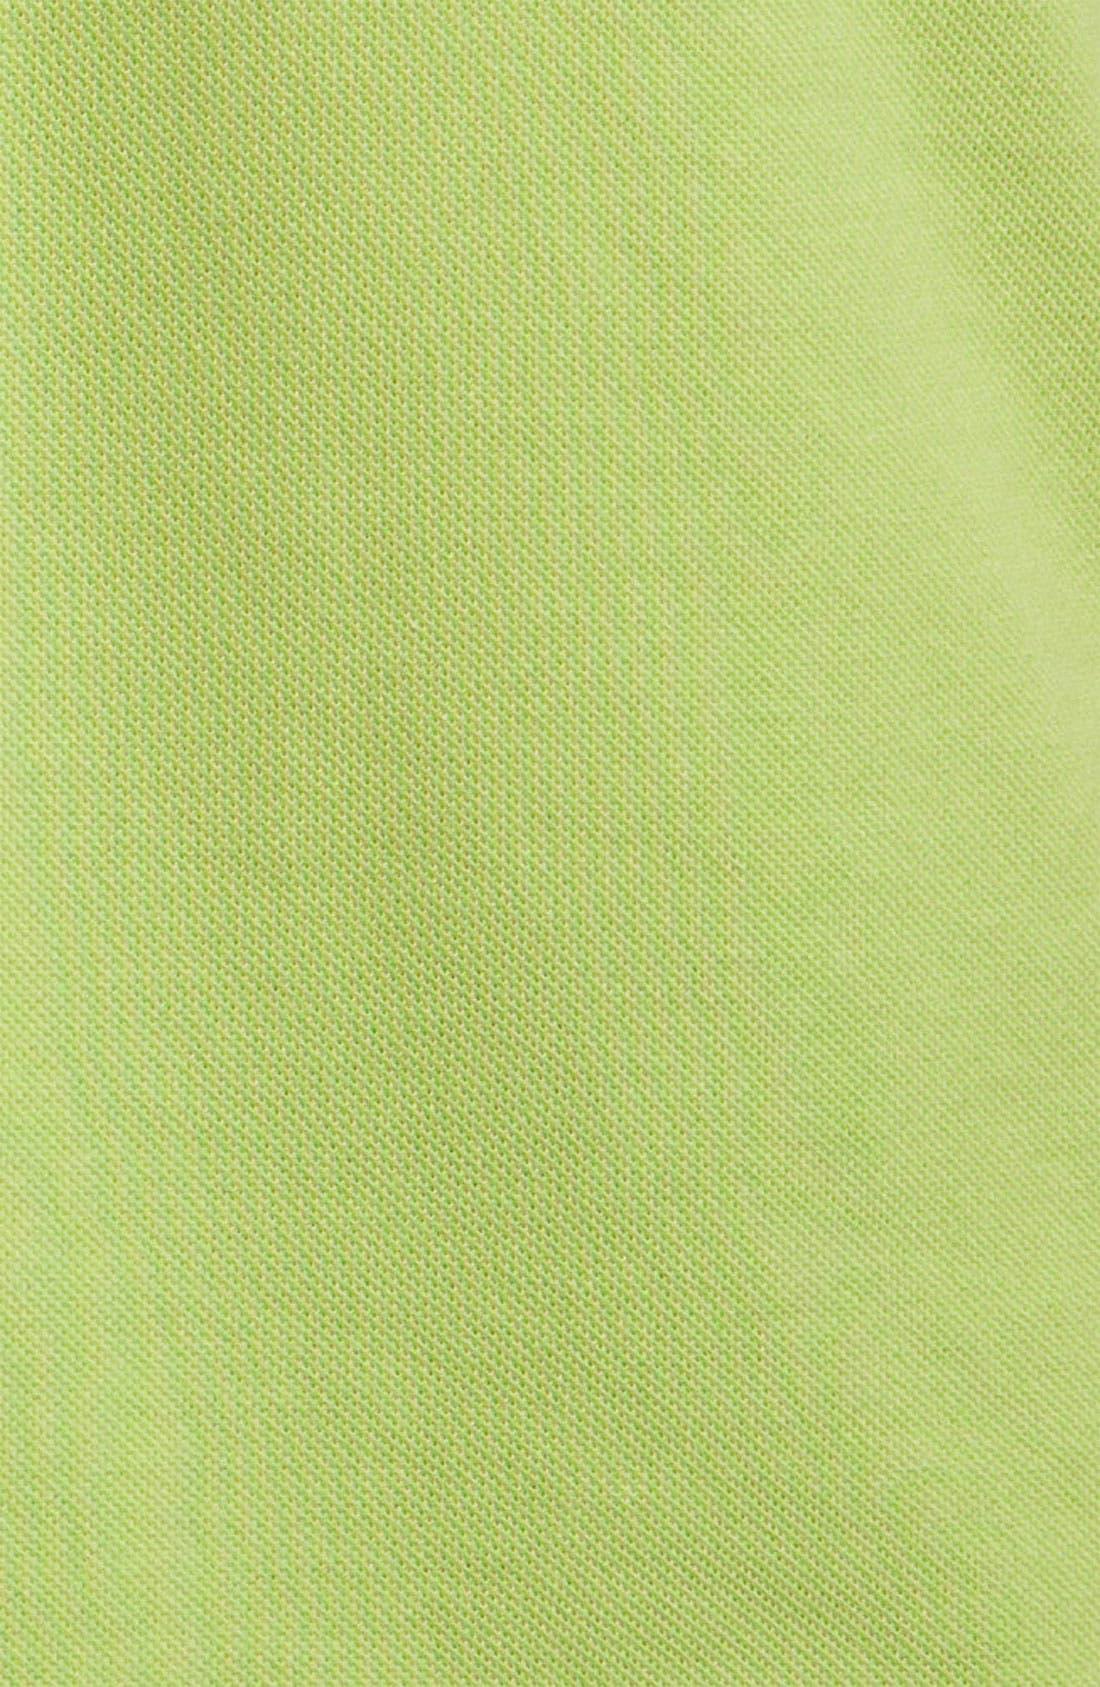 Alternate Image 3  - Lacoste 'L1212' Piqué Polo